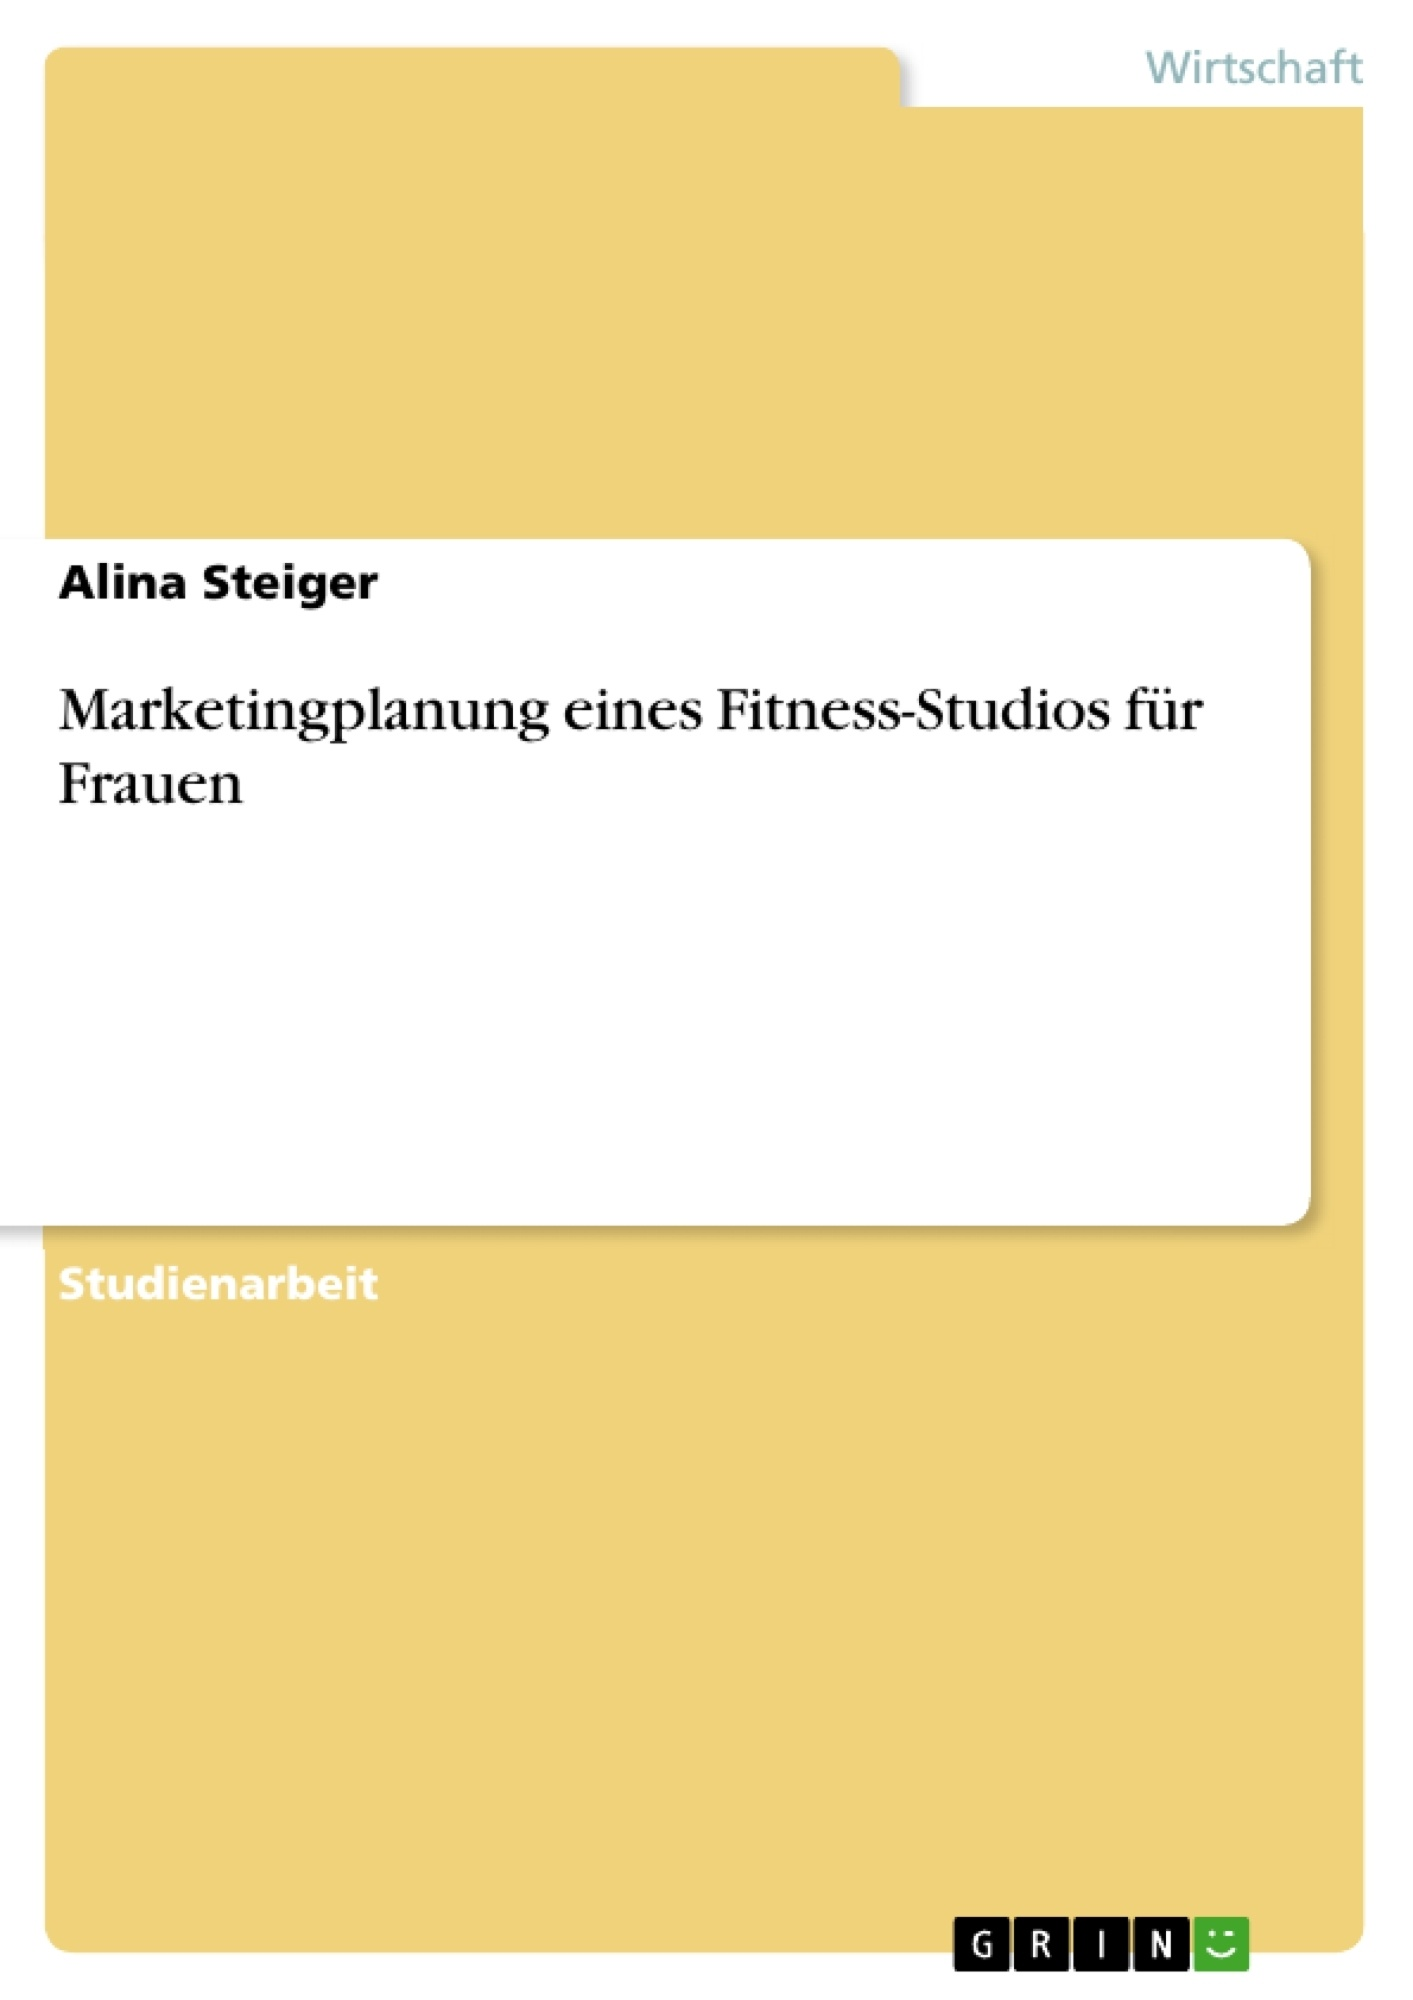 Titel: Marketingplanung eines Fitness-Studios für Frauen